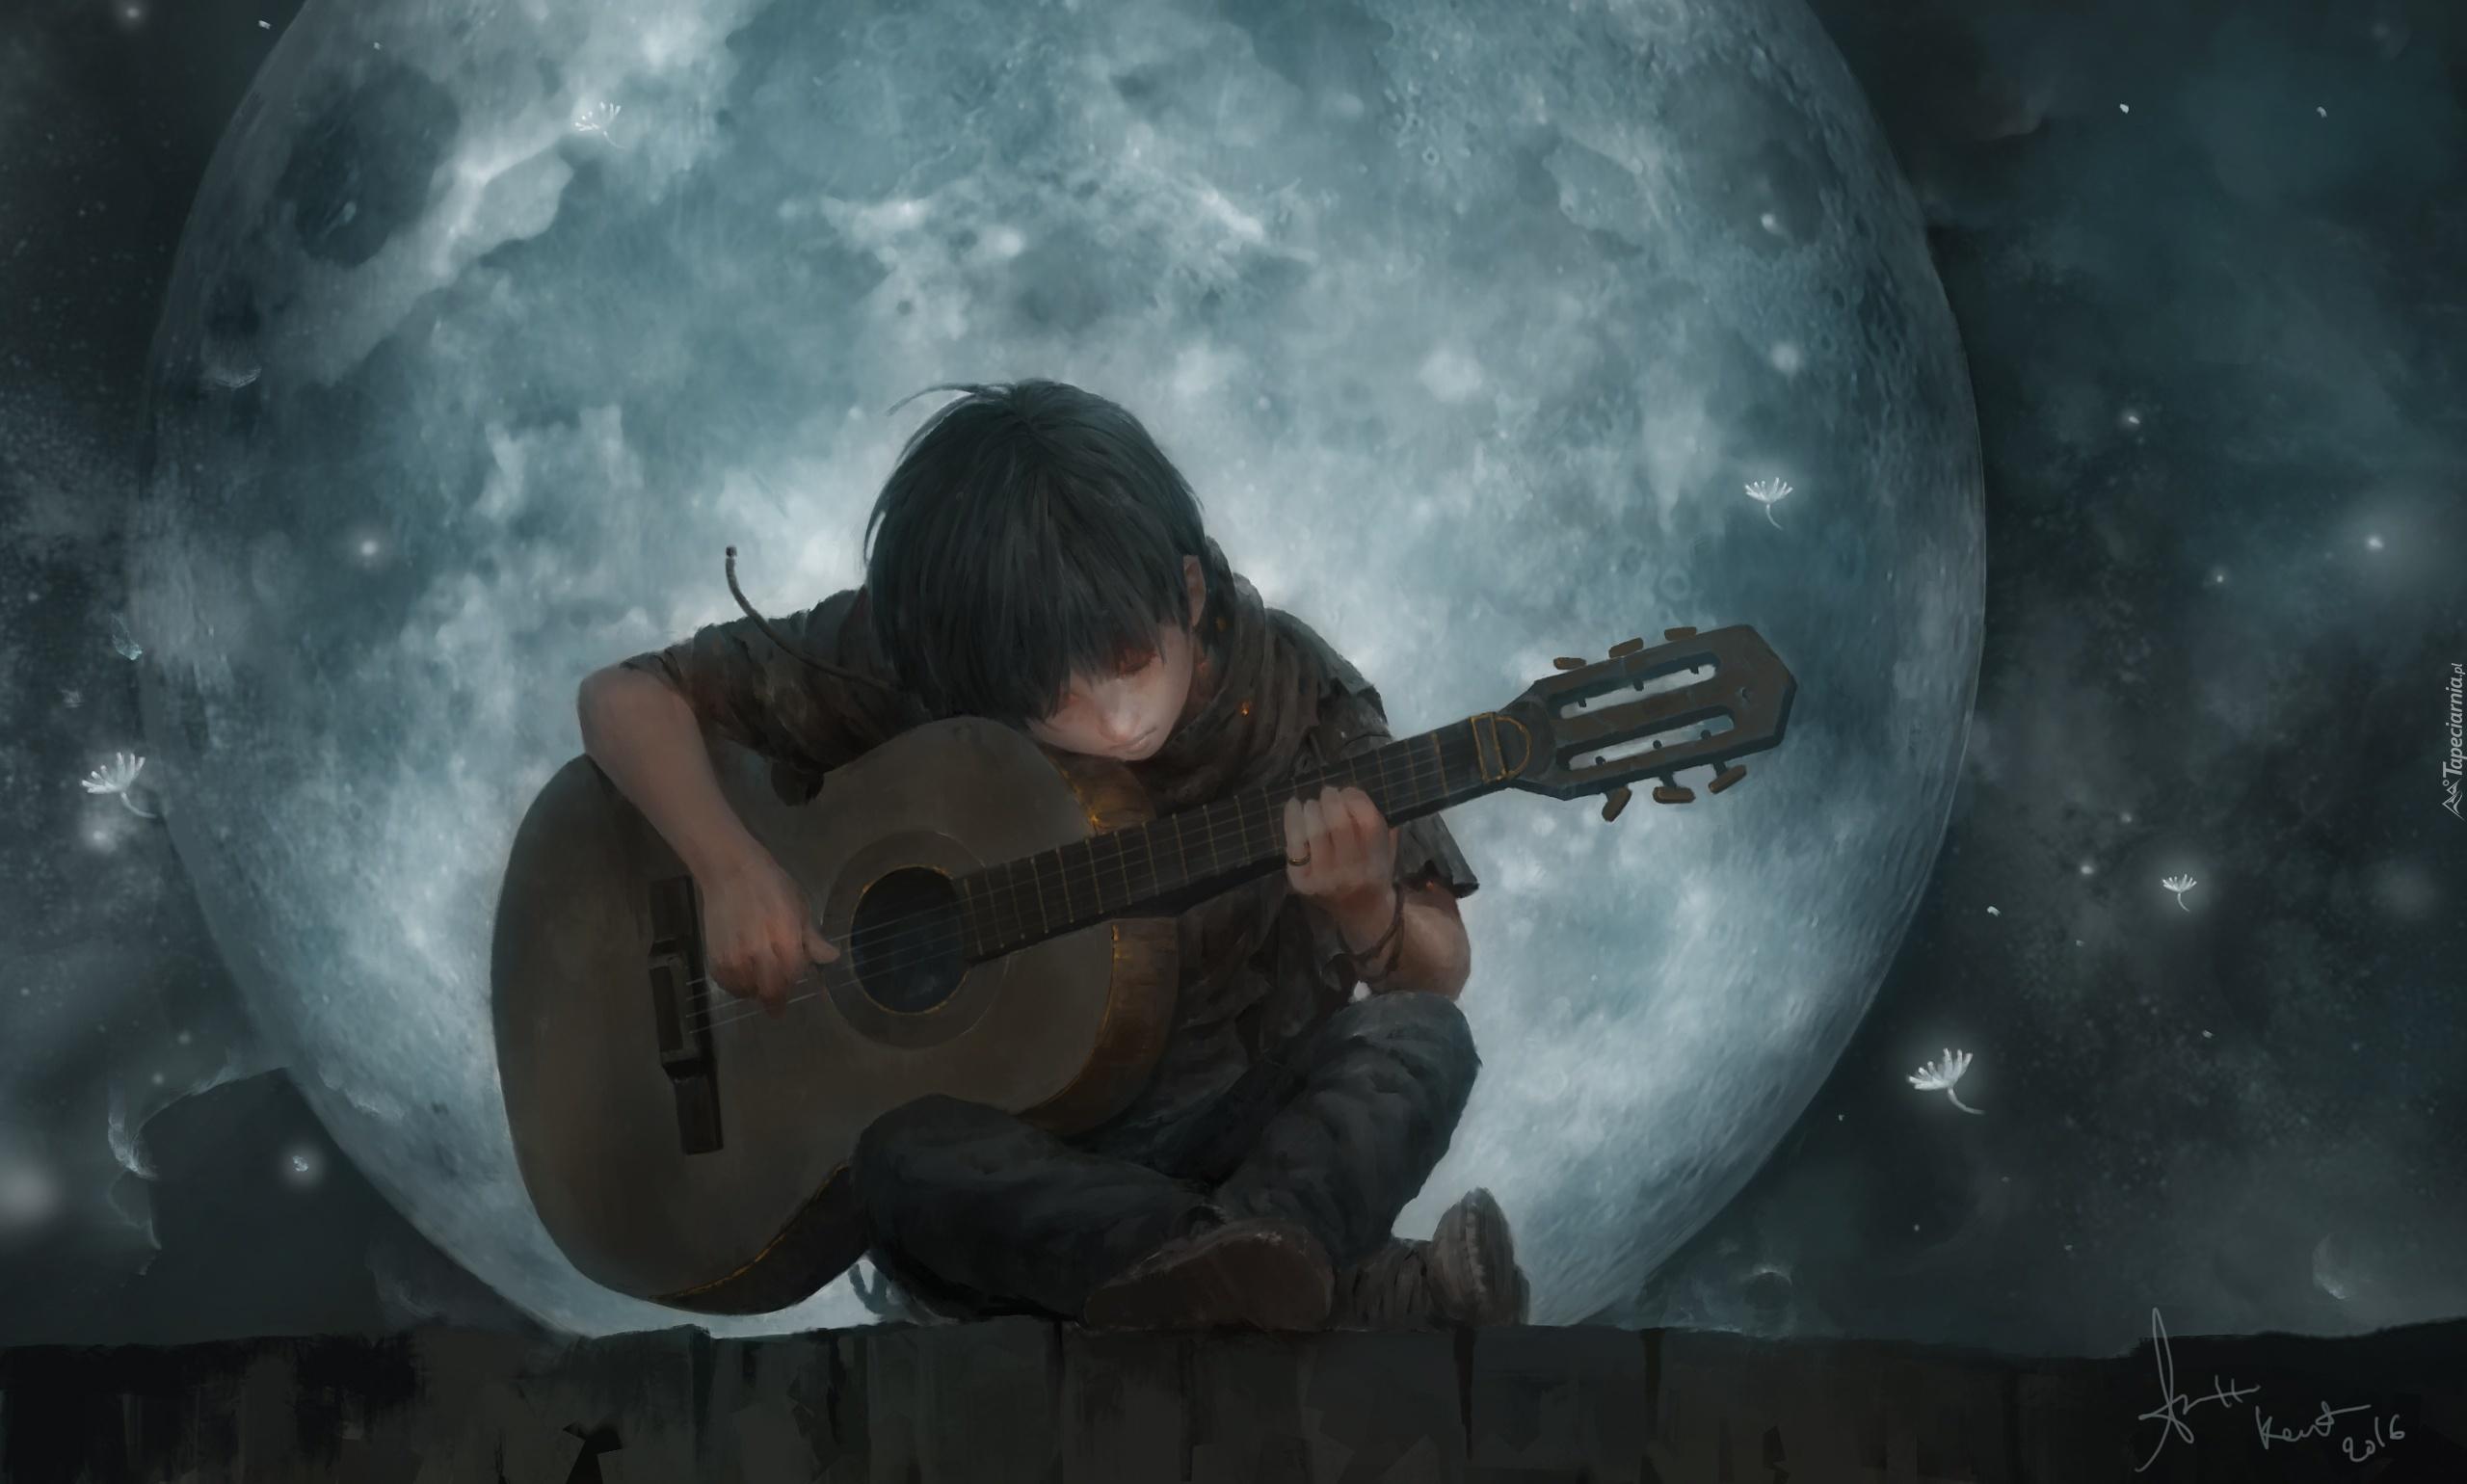 Рисунок мальчик с гитарой